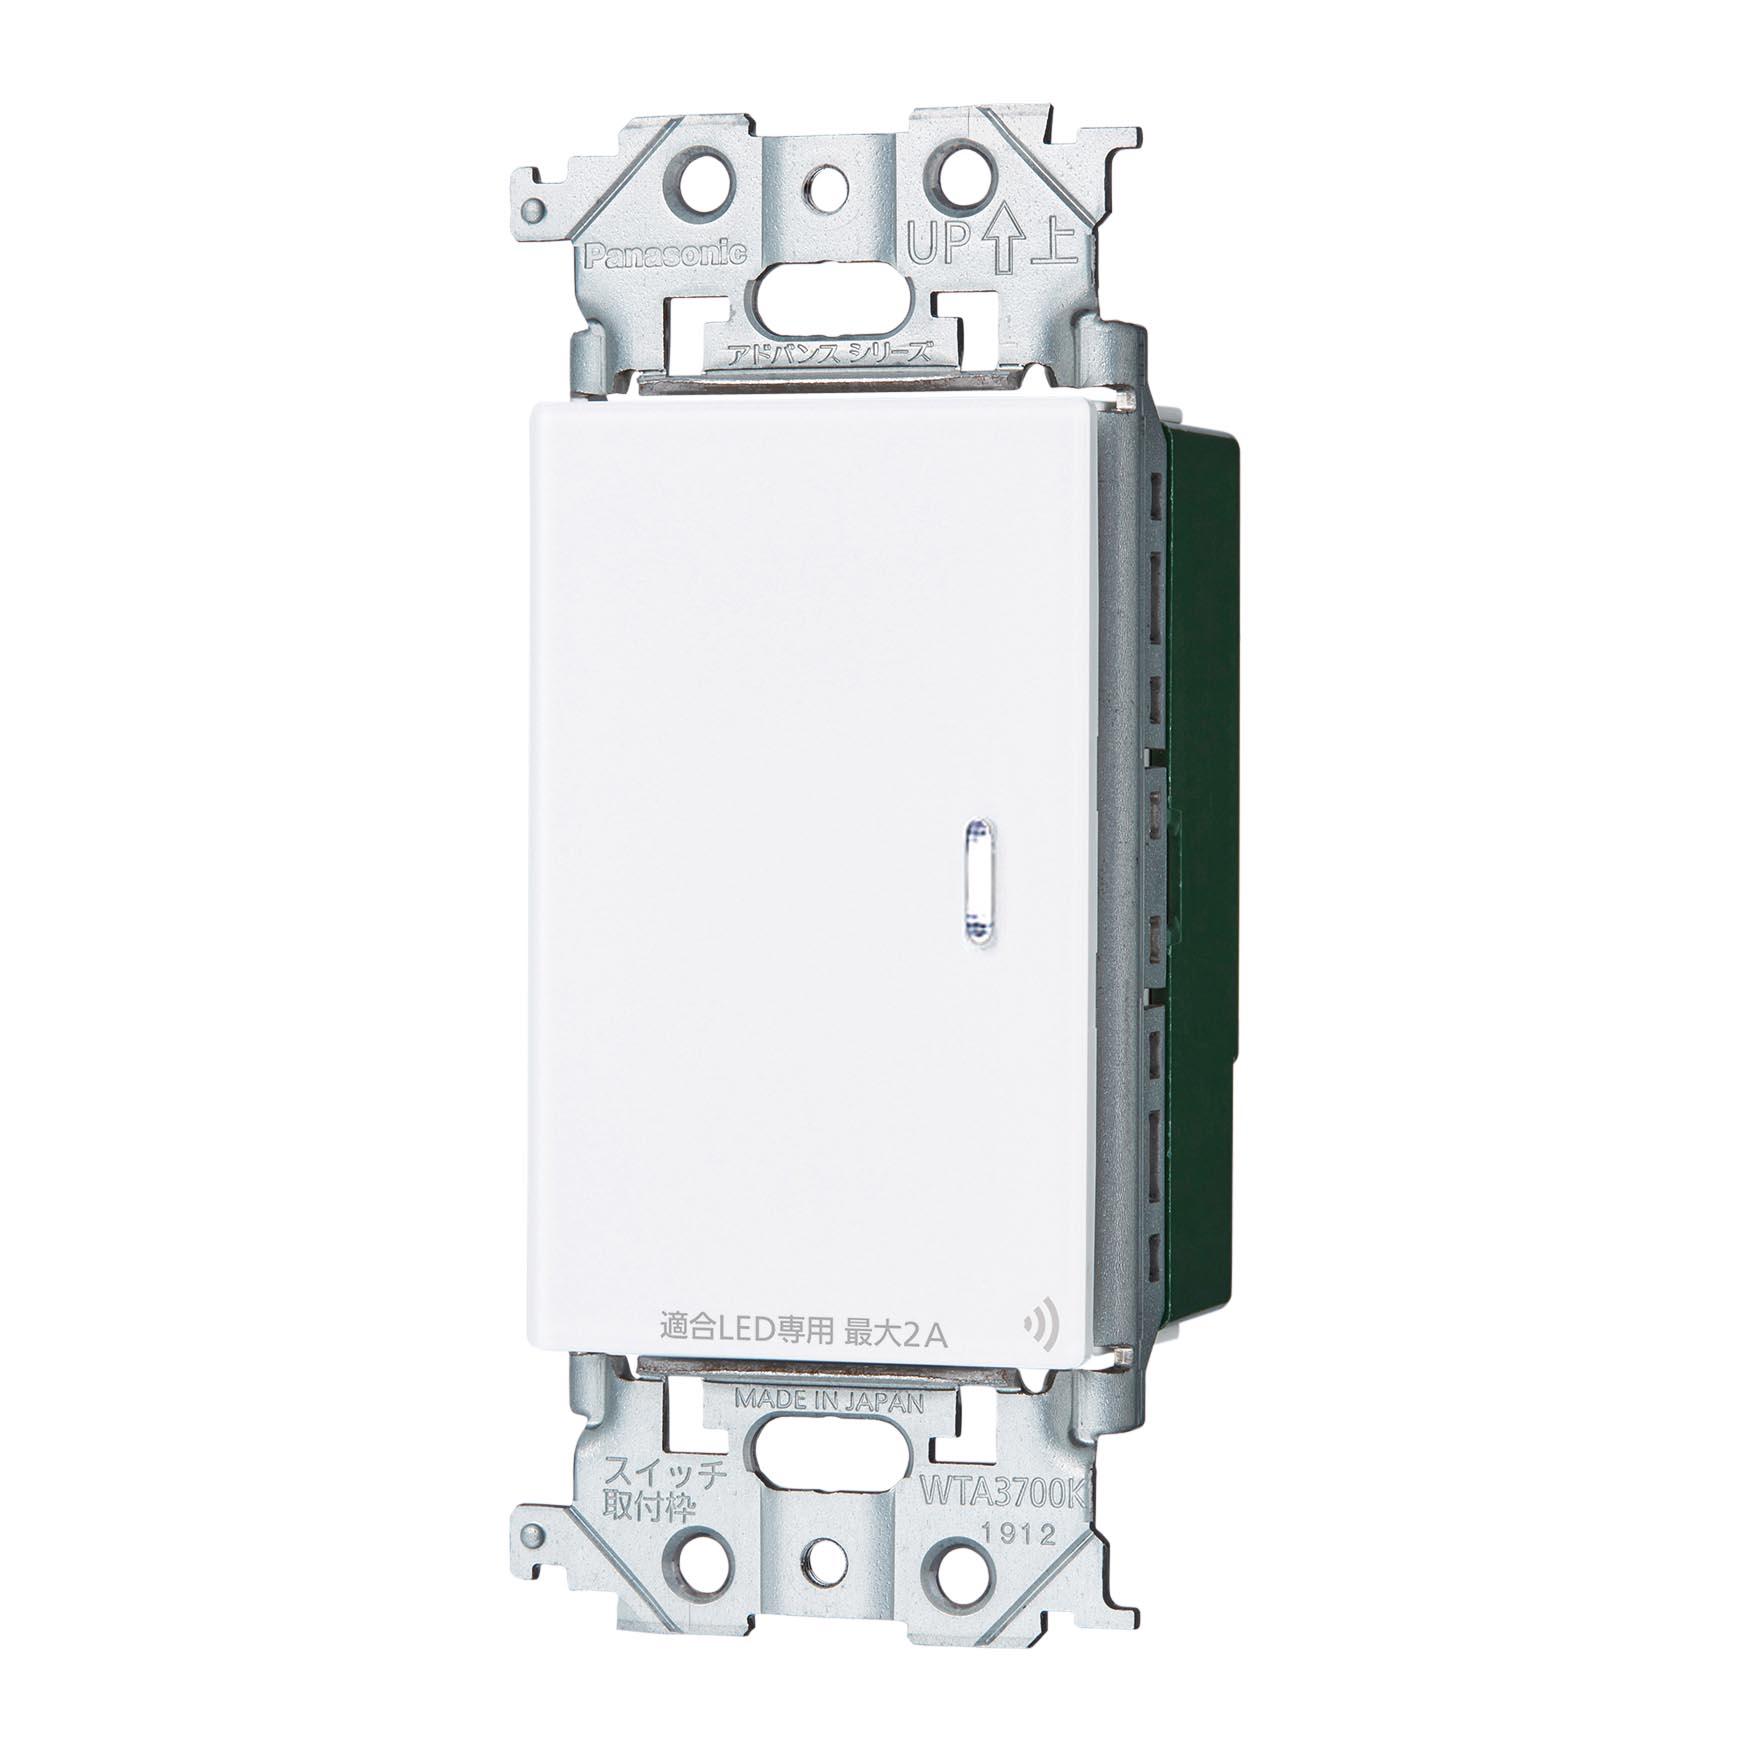 あす楽対応_関東 パナソニック Panasonic 売買 ADVANCE アドバンス シリーズ リンクプラス ハンドルタイプ WTY2201W 2線式 スイッチ 保証 親器 受信器 マットホワイト 1回路